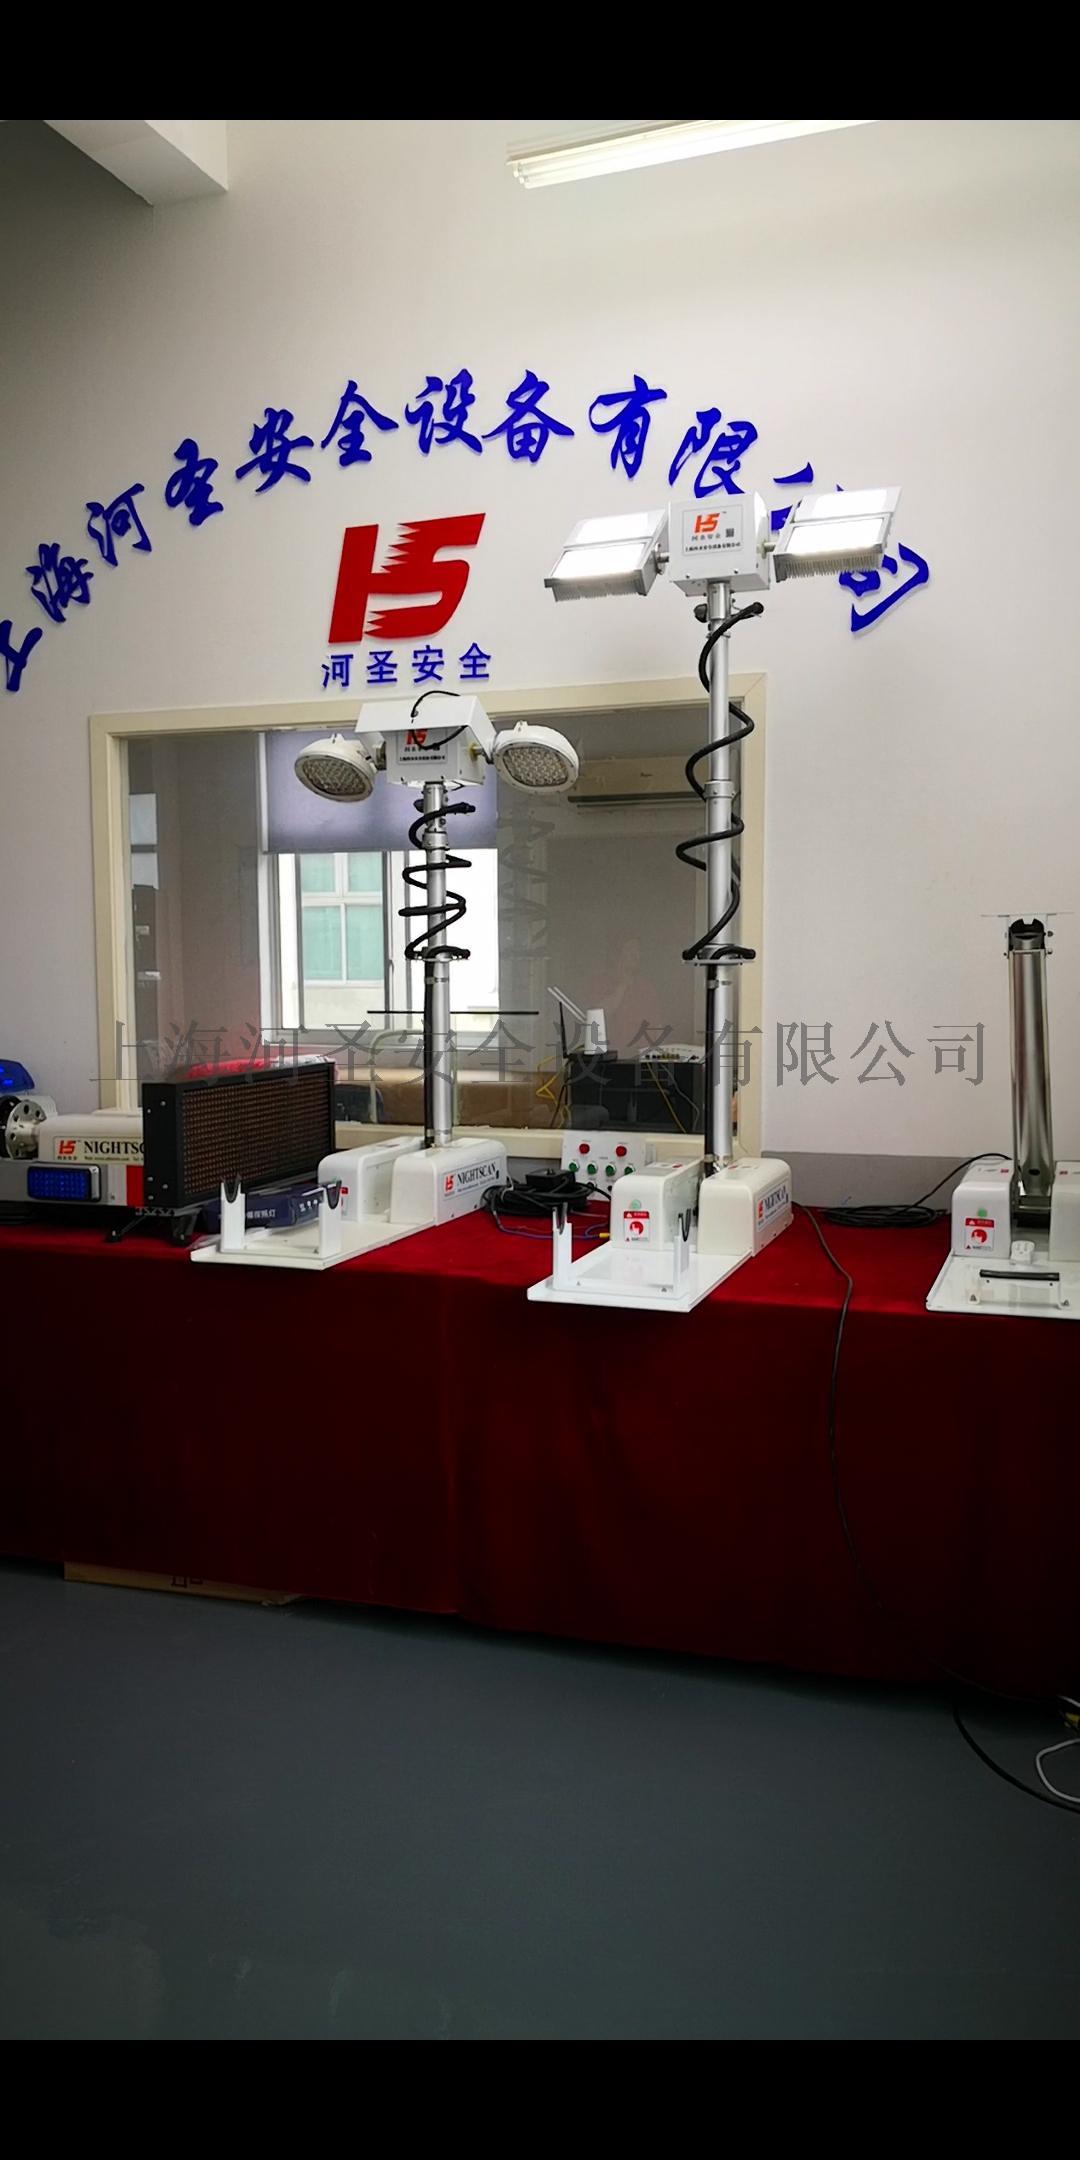 上海河圣 WD-18 车载遥控升降探照灯86546752